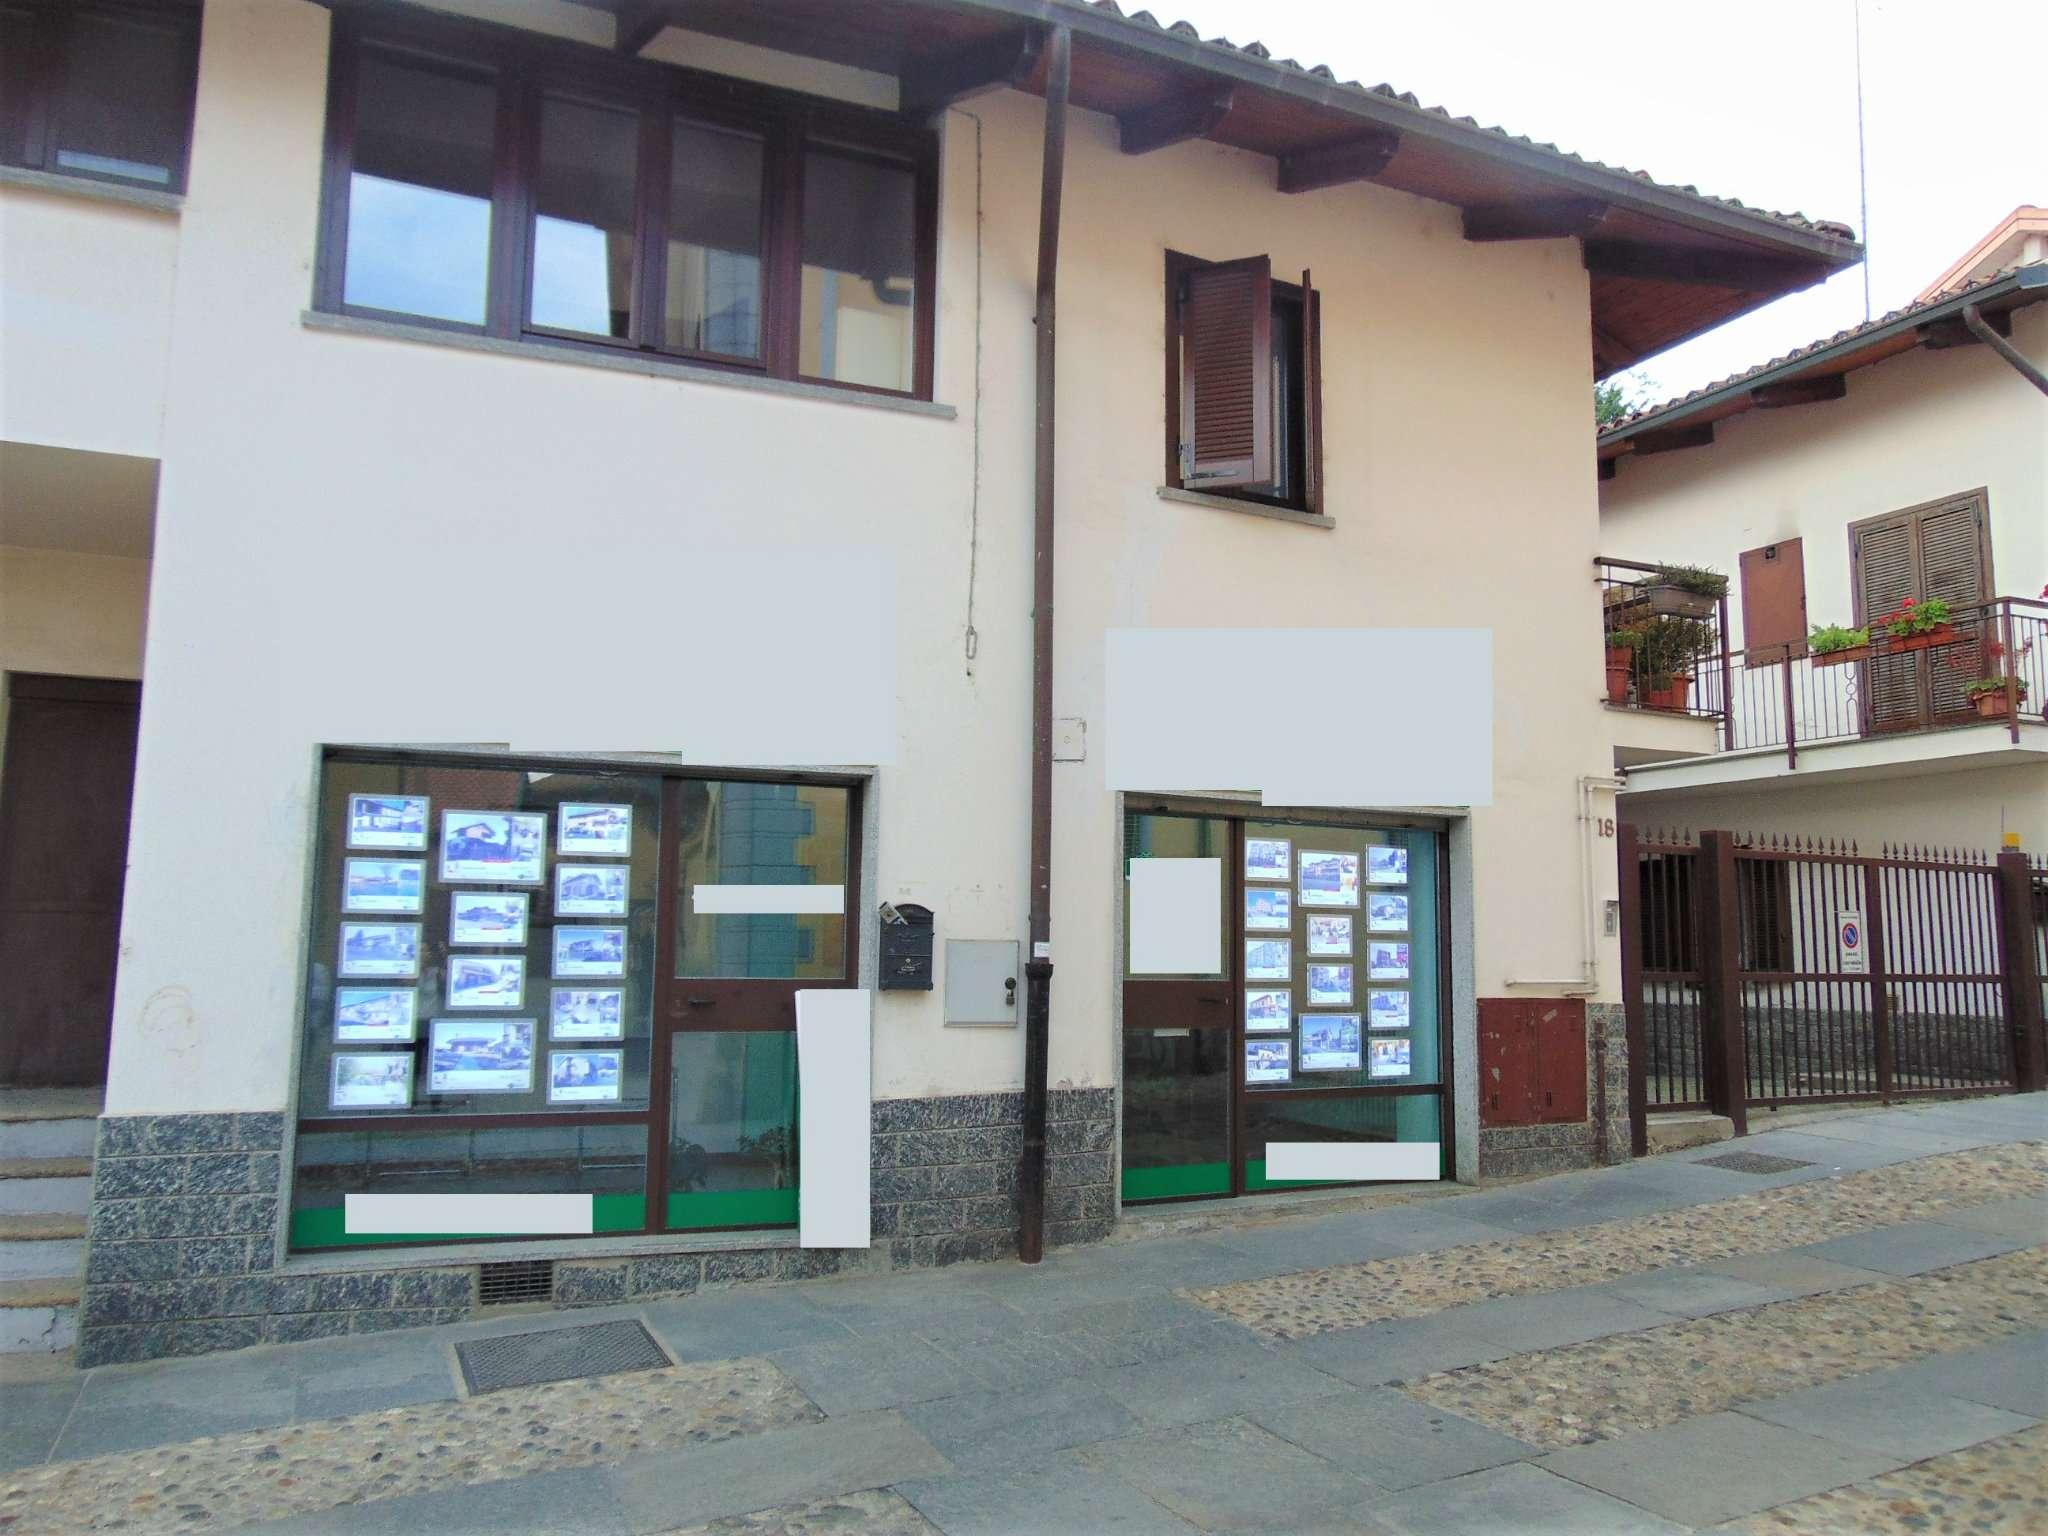 Negozio / Locale in affitto a Rivalta di Torino, 2 locali, prezzo € 500 | CambioCasa.it